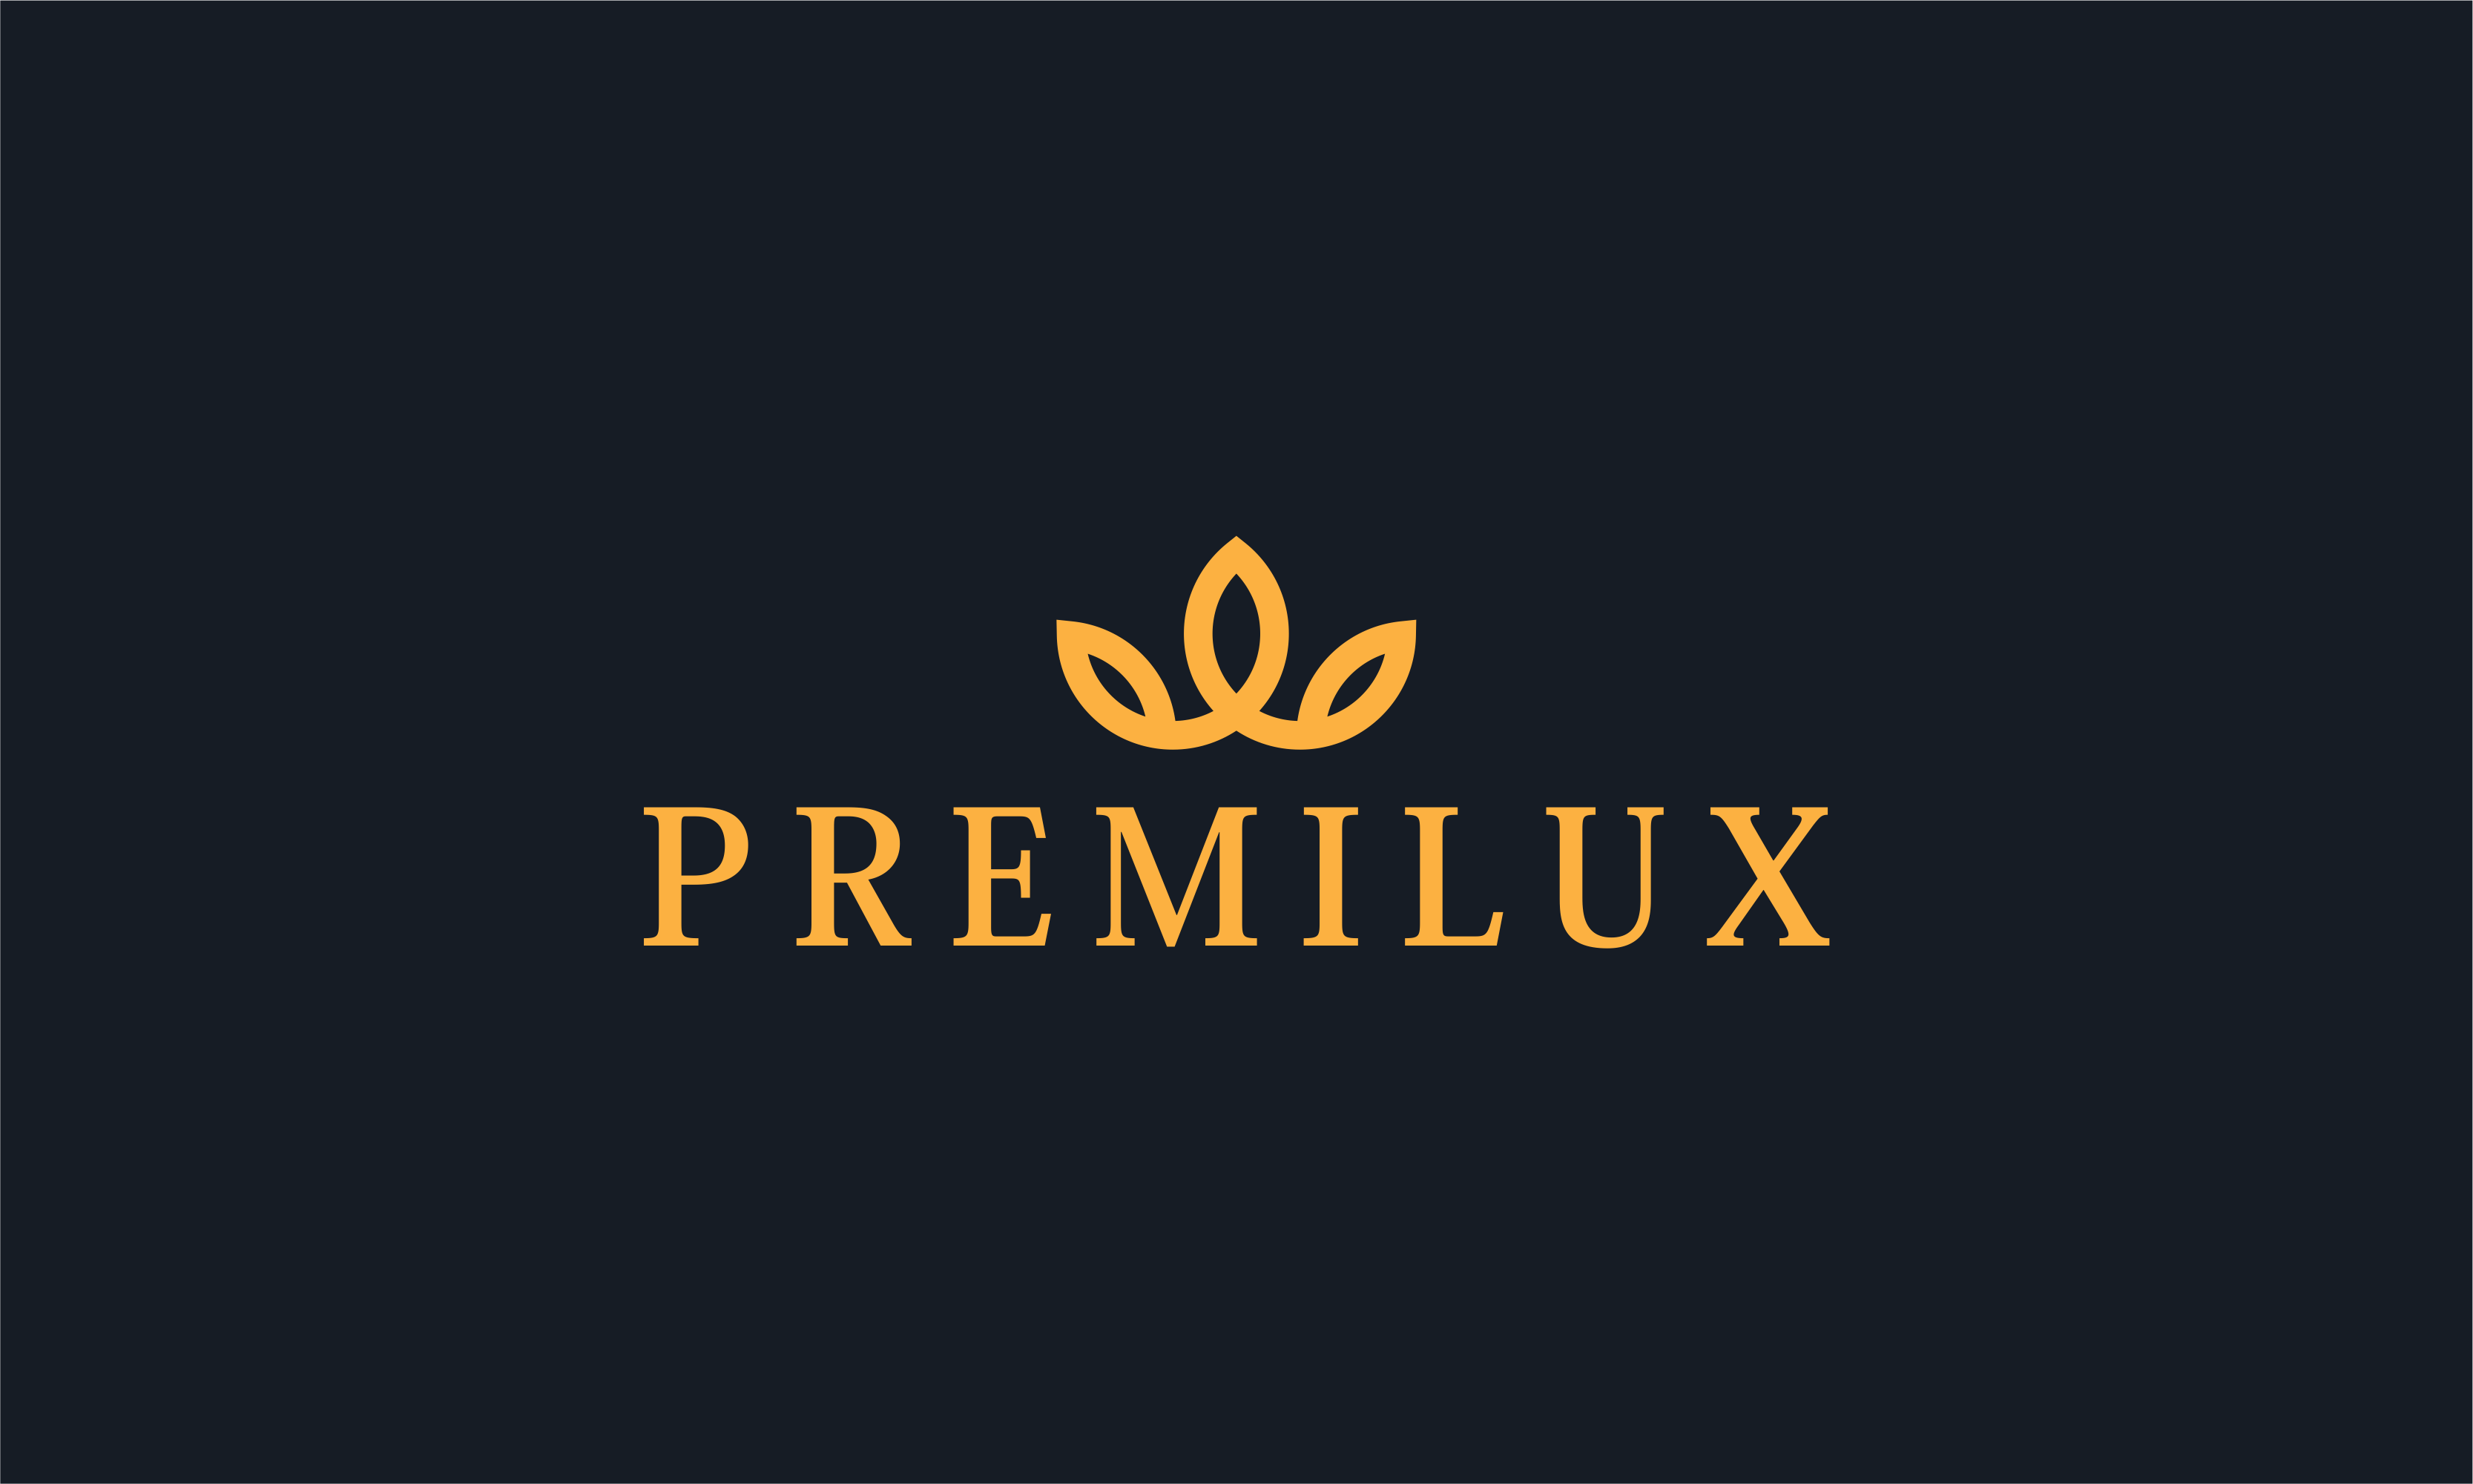 Premilux